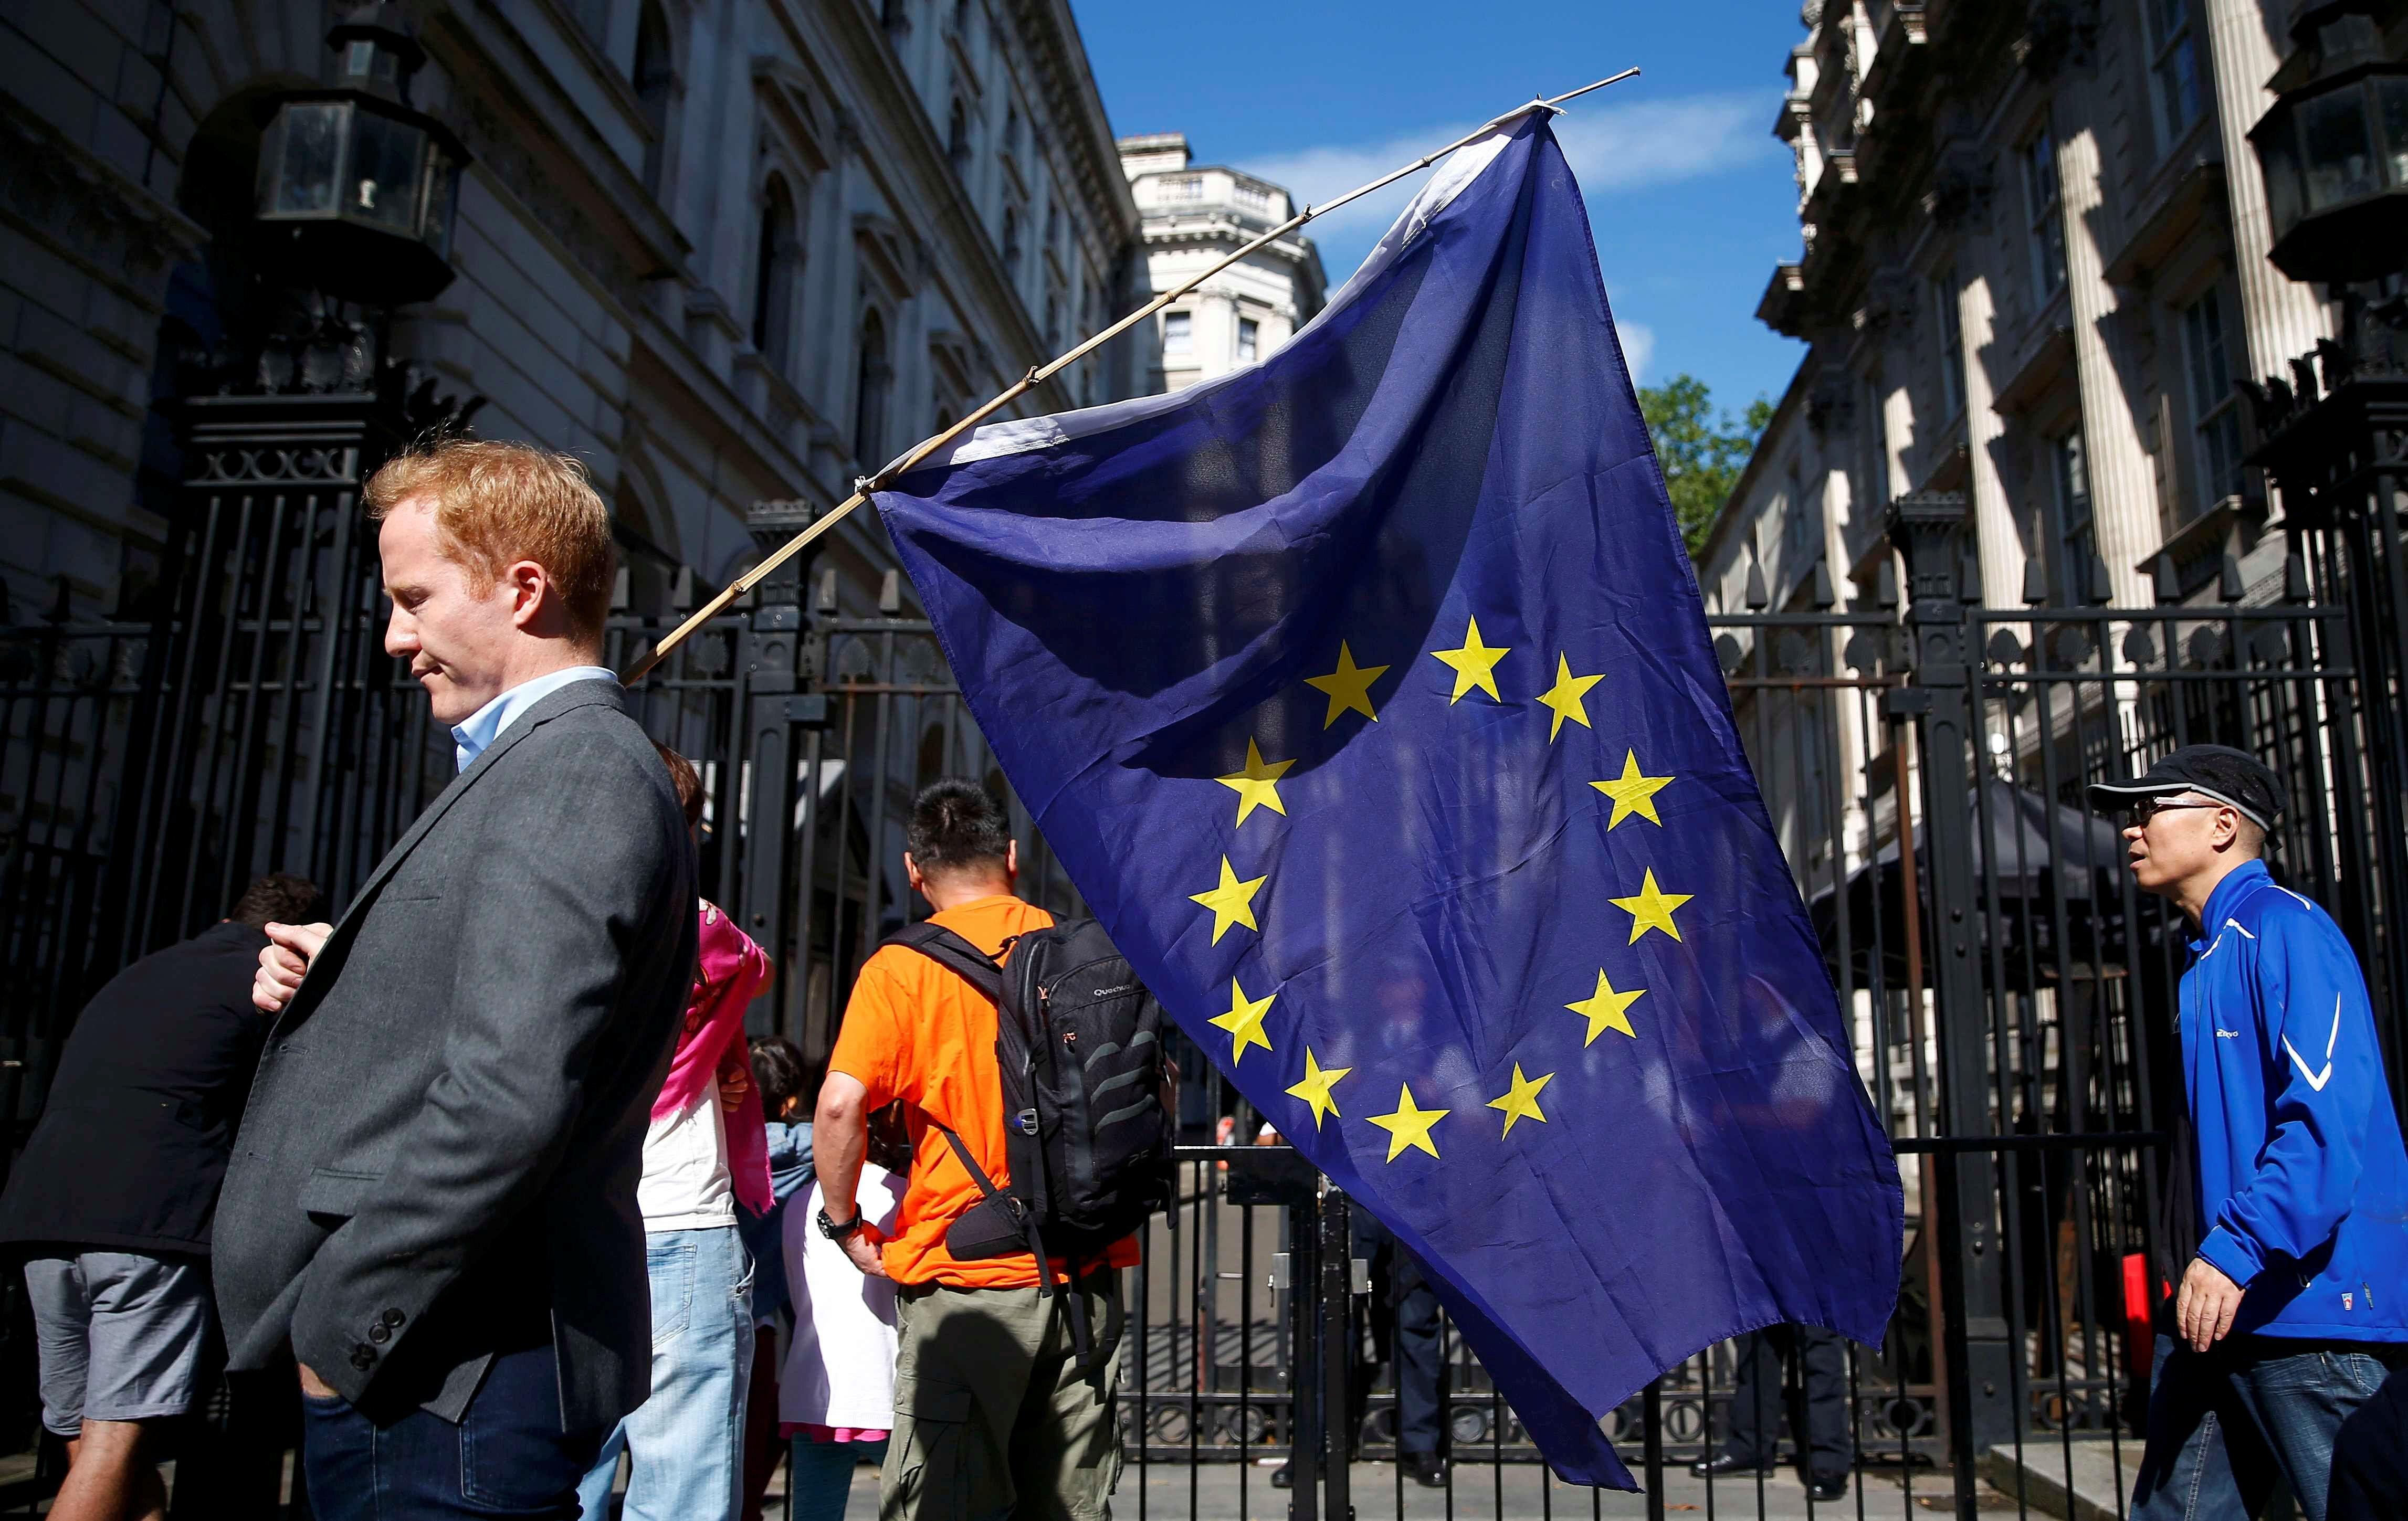 L'Europe, la grande oubliée du débat de la primaire de droite (ne regrettez rien, ils n'avaient pour la plupart rien de spécial à en dire)